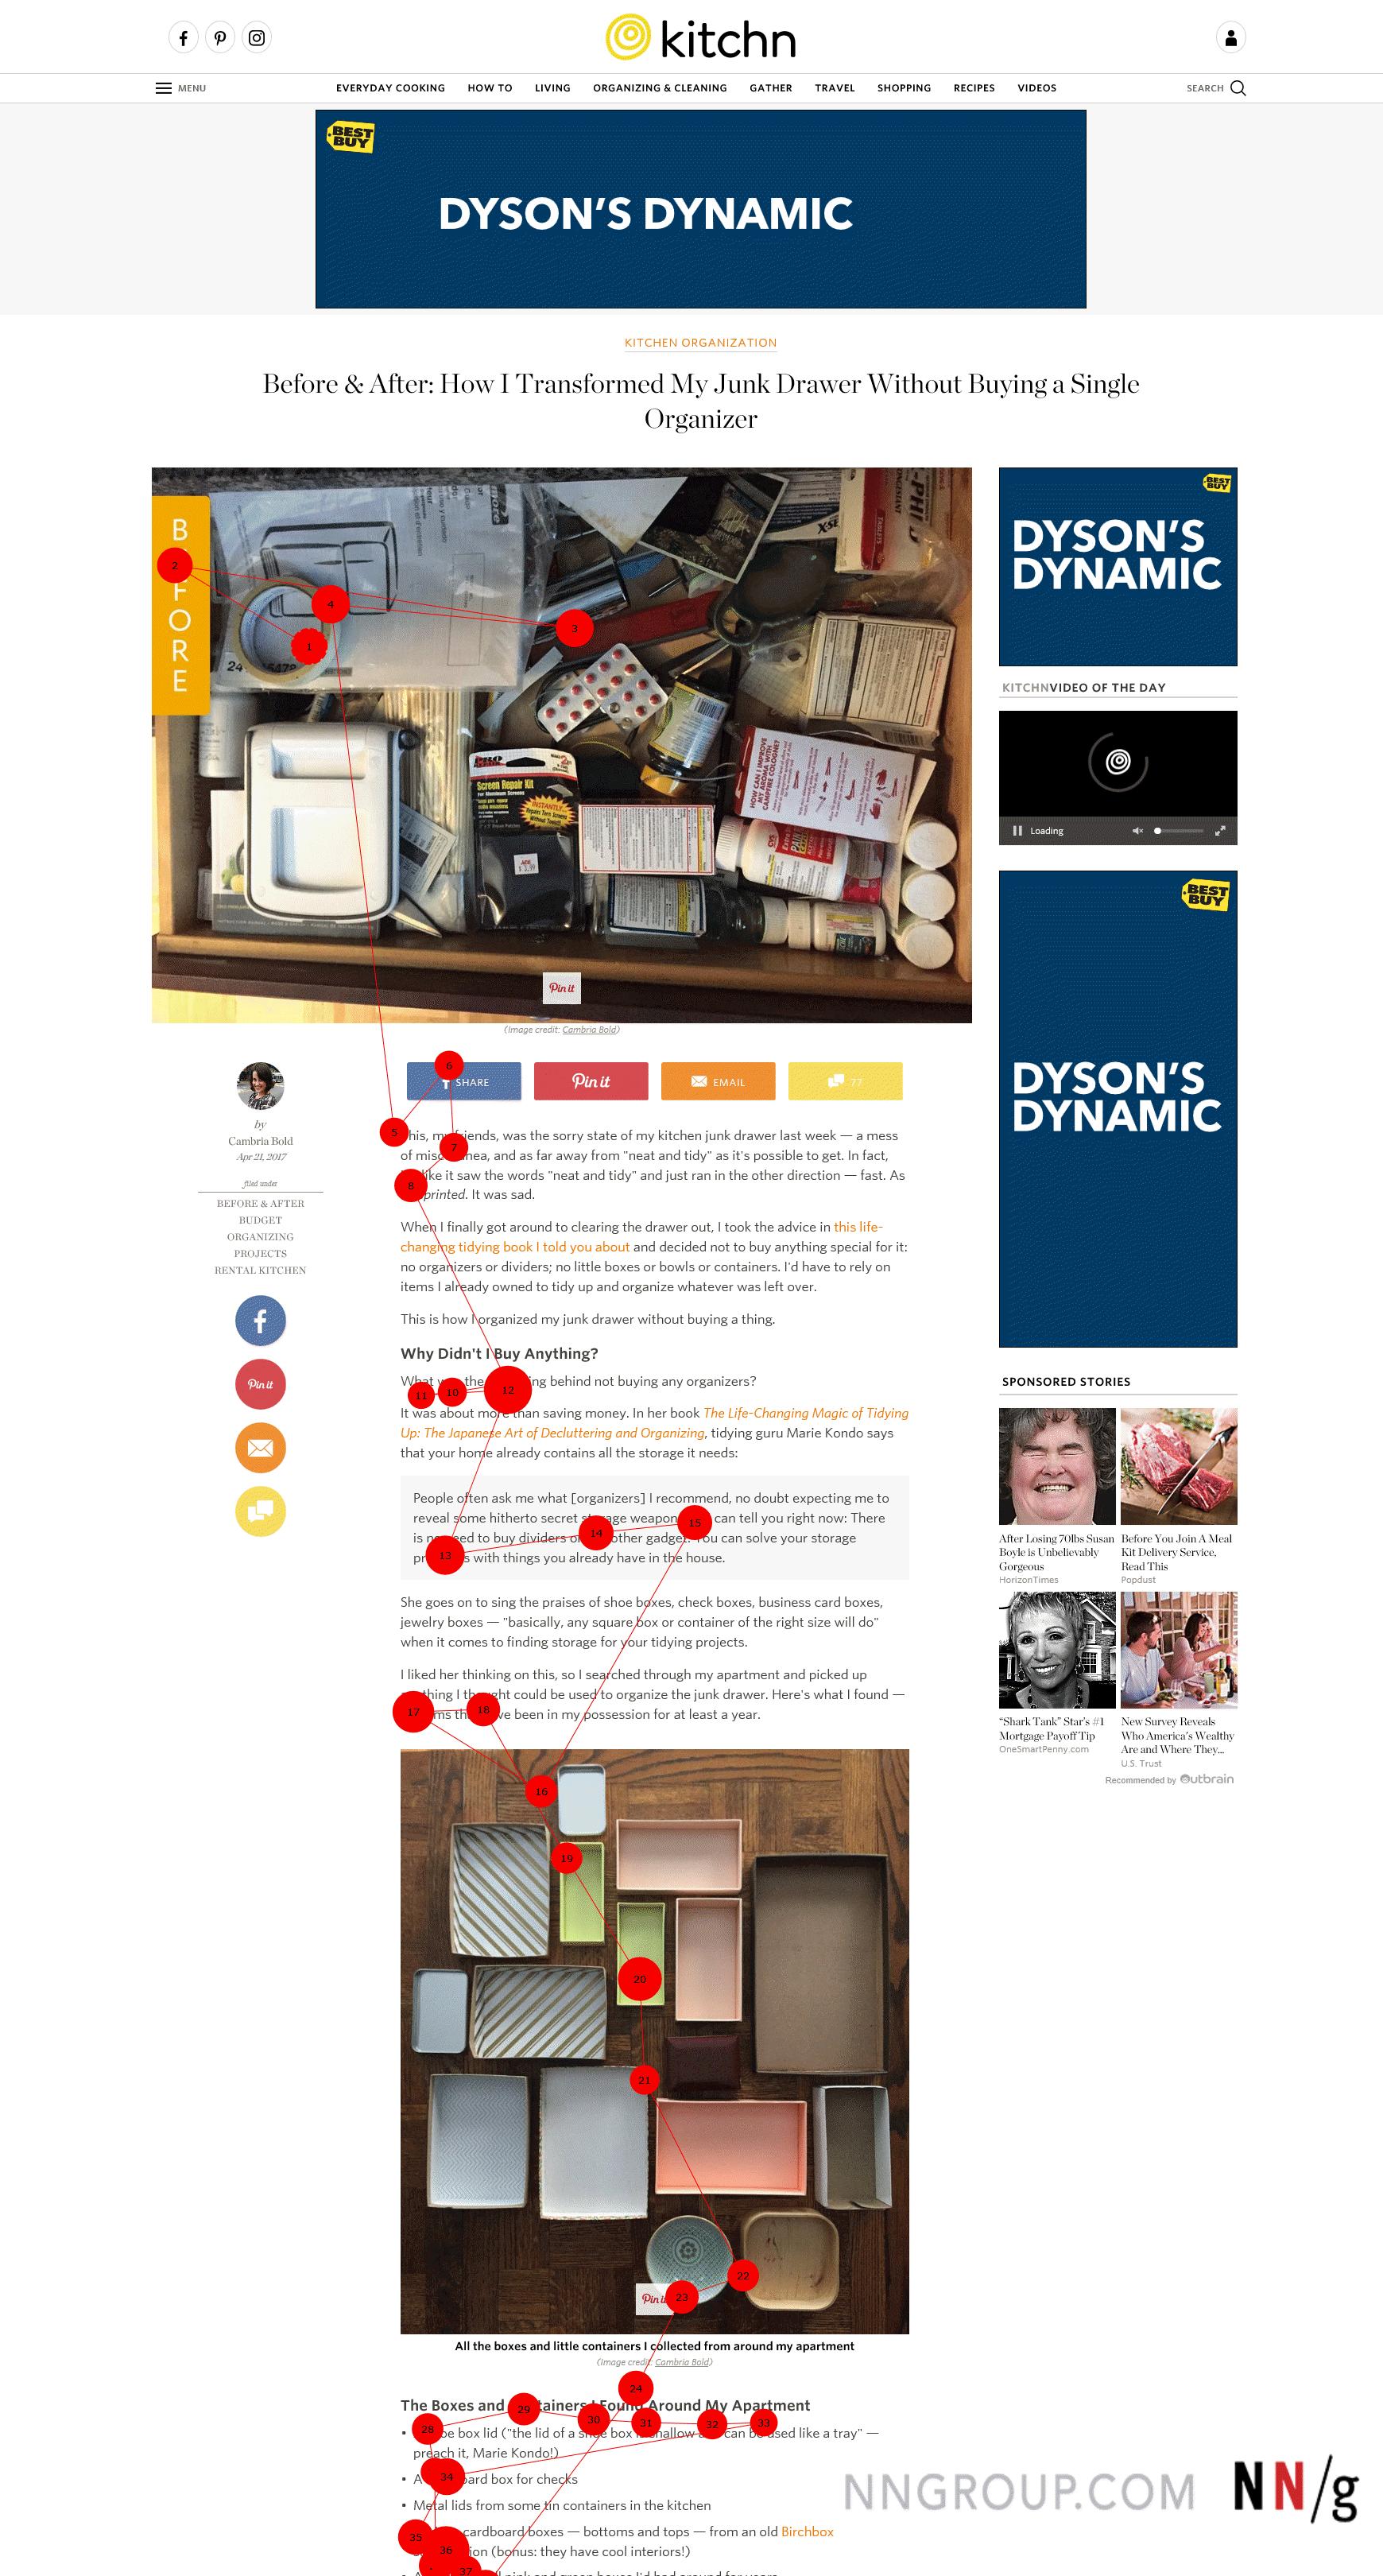 На этой айтрекинг-карте пользователь не смотрел на верхний баннер и правый блок, пока изучал контент страницы.